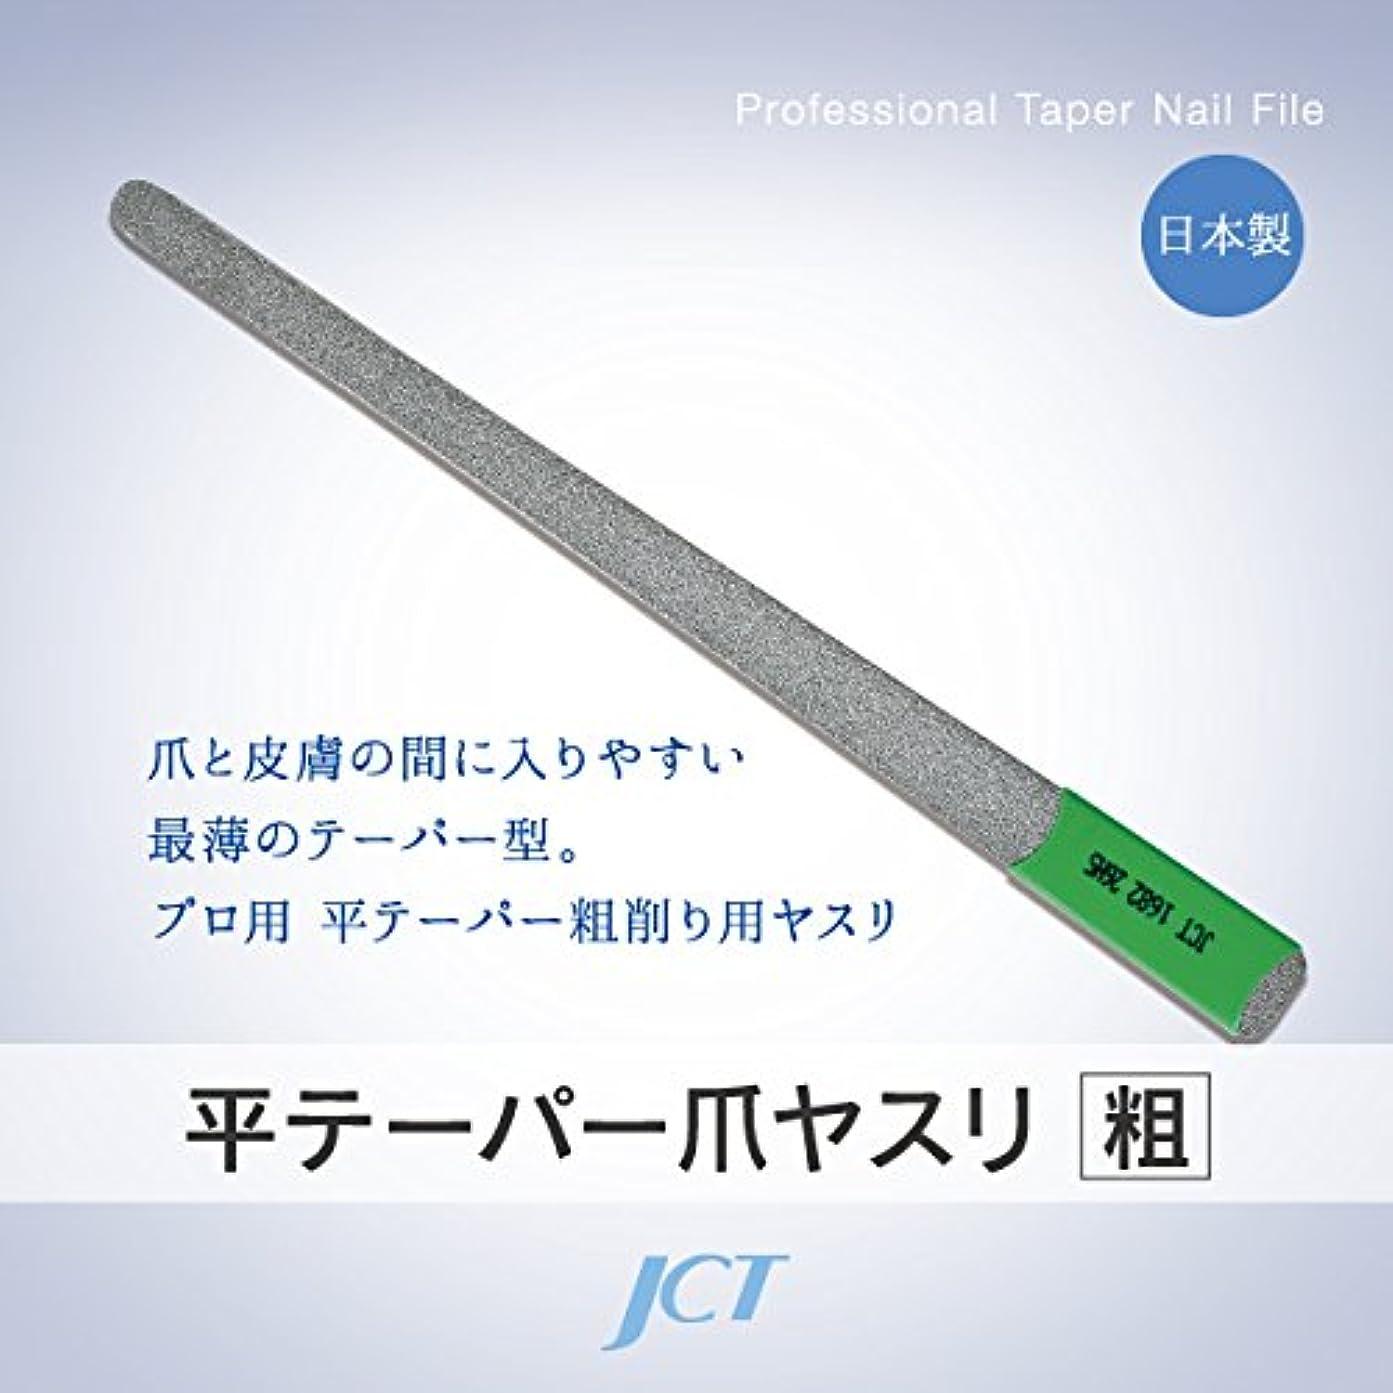 シリンダーヒント法的JCT メディカル フットケア ダイヤモンド平テーパー爪ヤスリ(粗) 滅菌可 日本製 1年間保証付